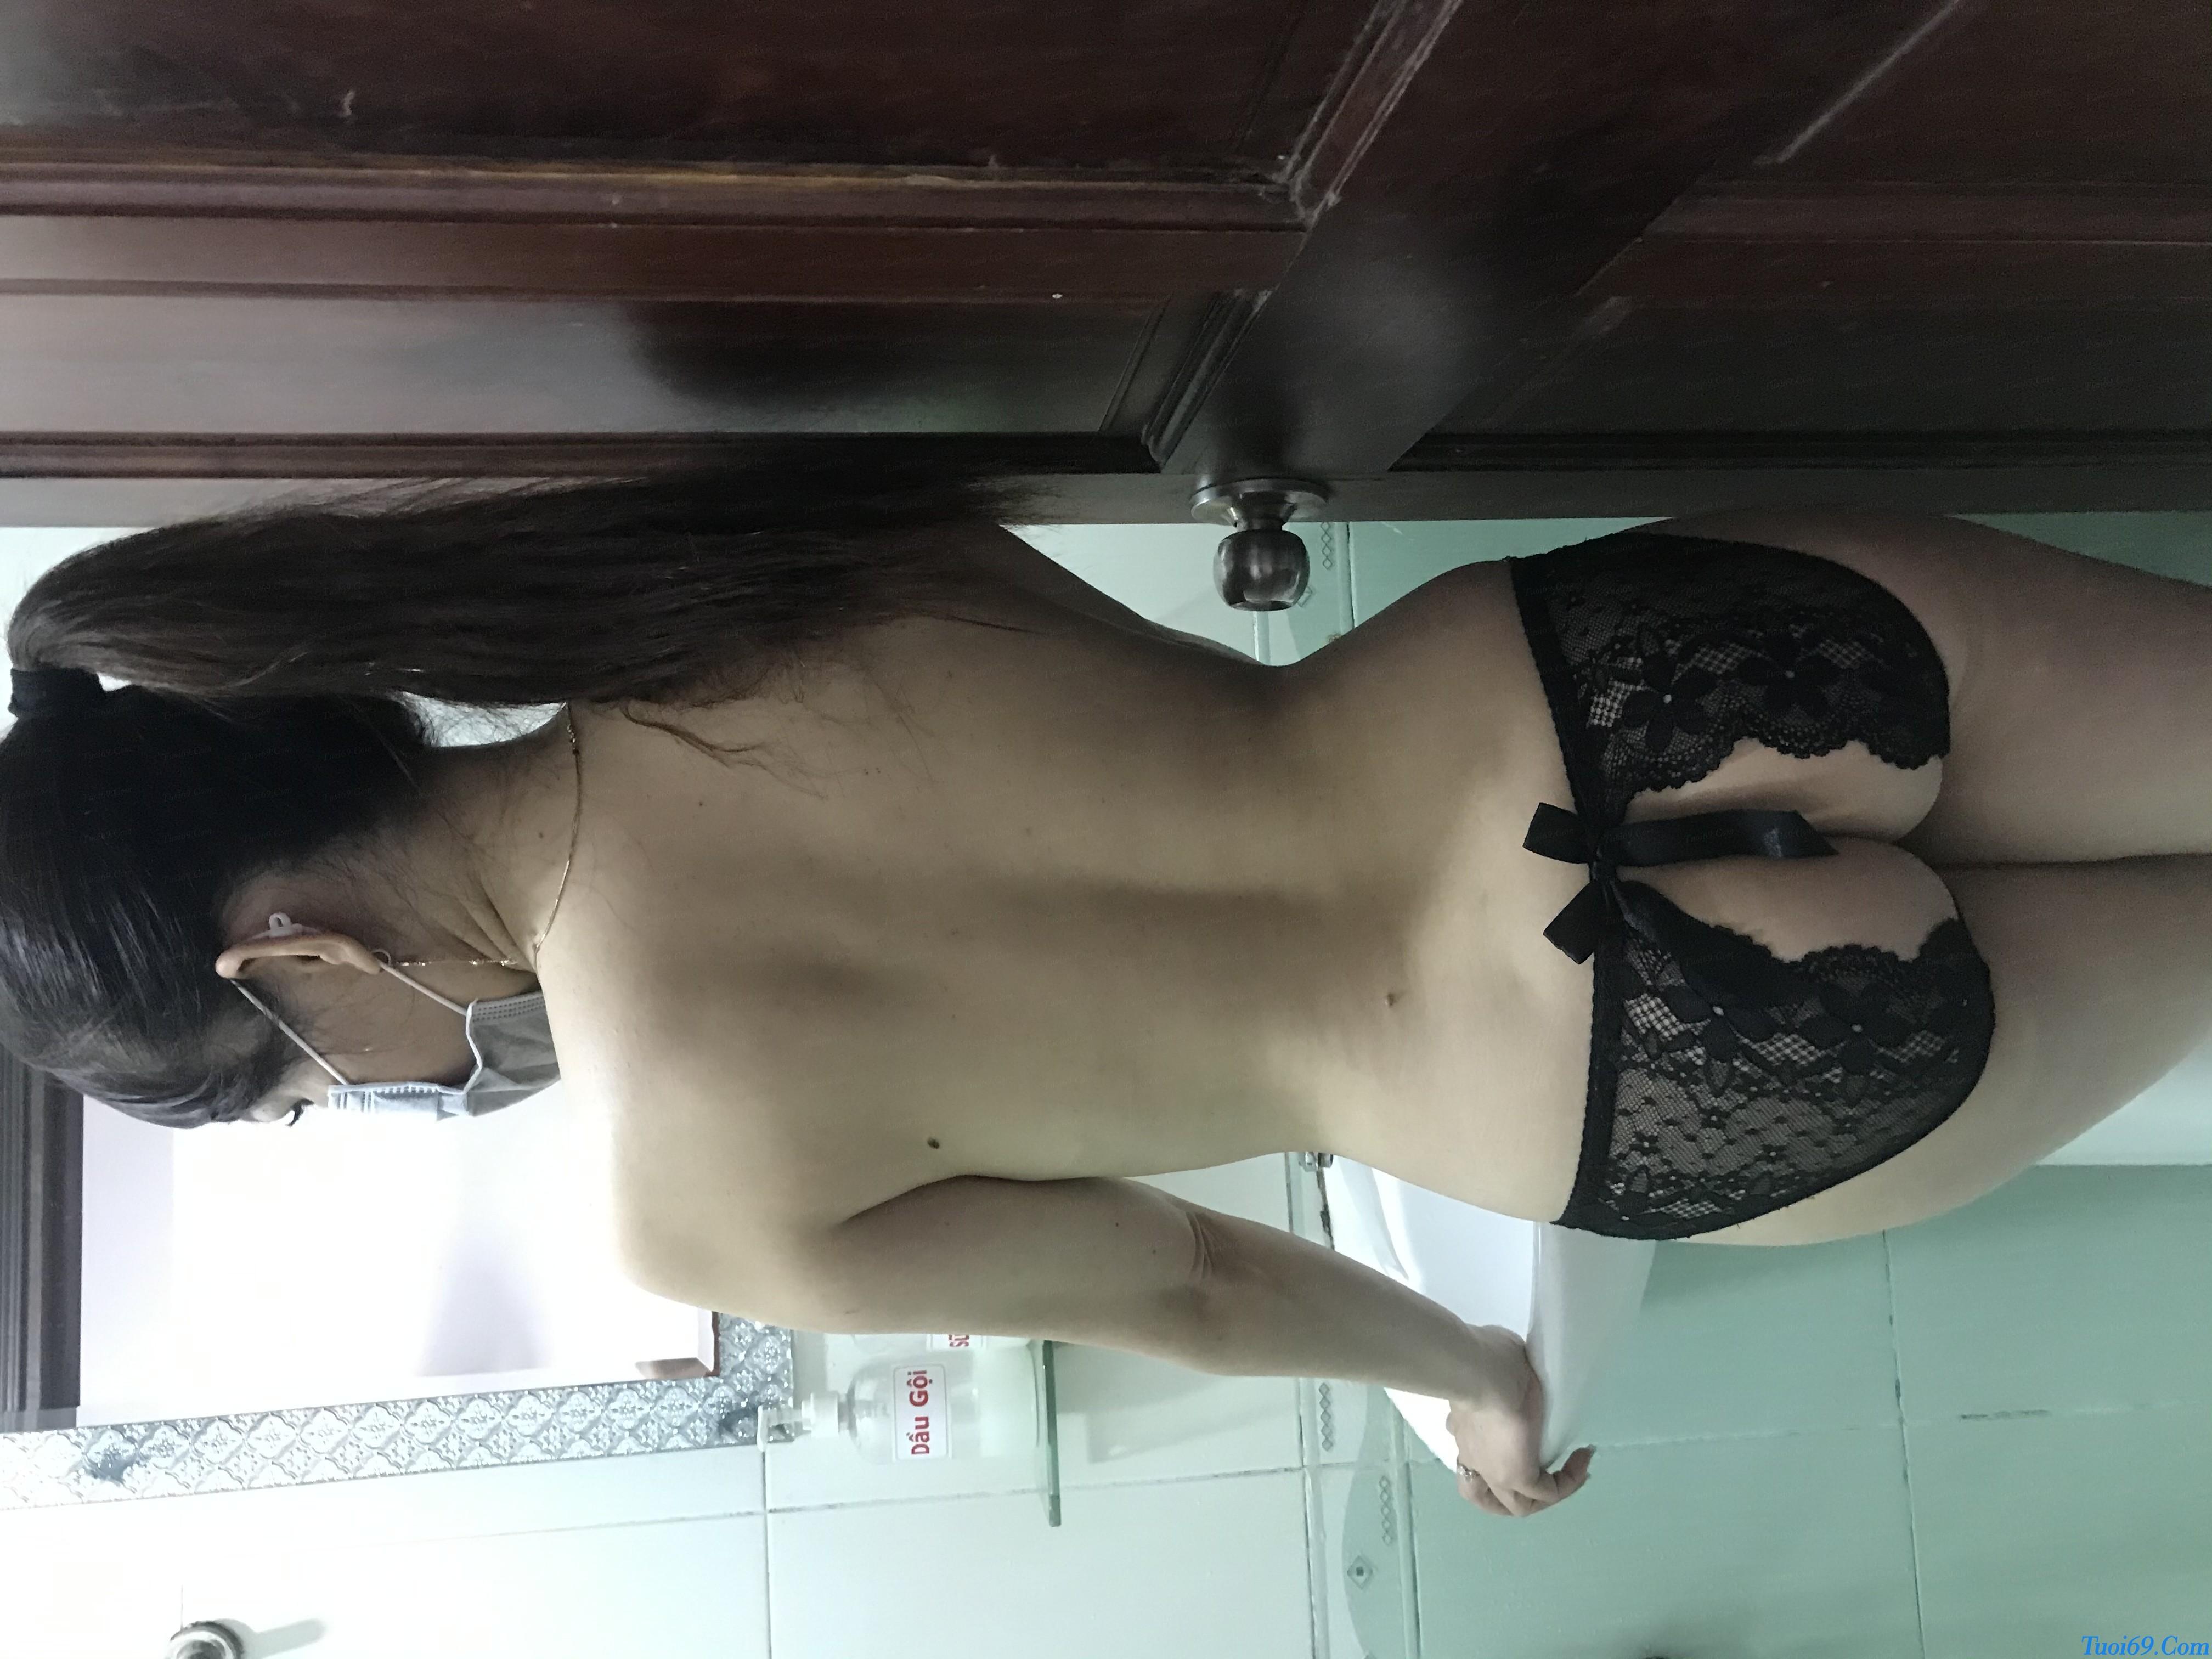 tuoi69net-review-em-gai-lan-huong-dam-nu-dang-yeu-chieu-khach-35